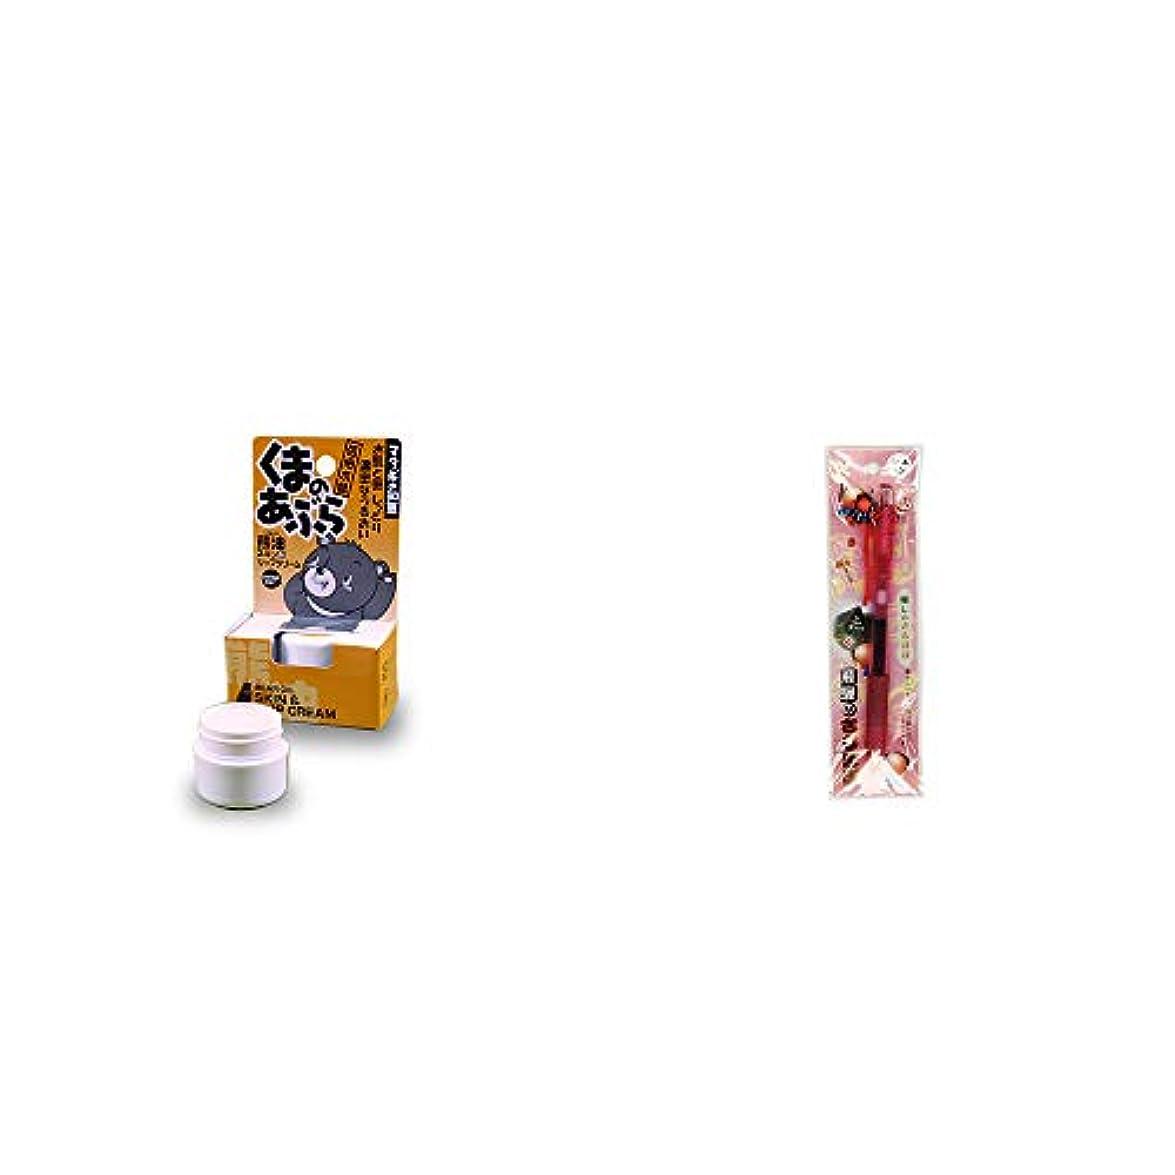 有望ナチュラインストール[2点セット] 信州木曽 くまのあぶら 熊油スキン&リップクリーム(9g)?さるぼぼ 癒しボールペン 【ピンク】